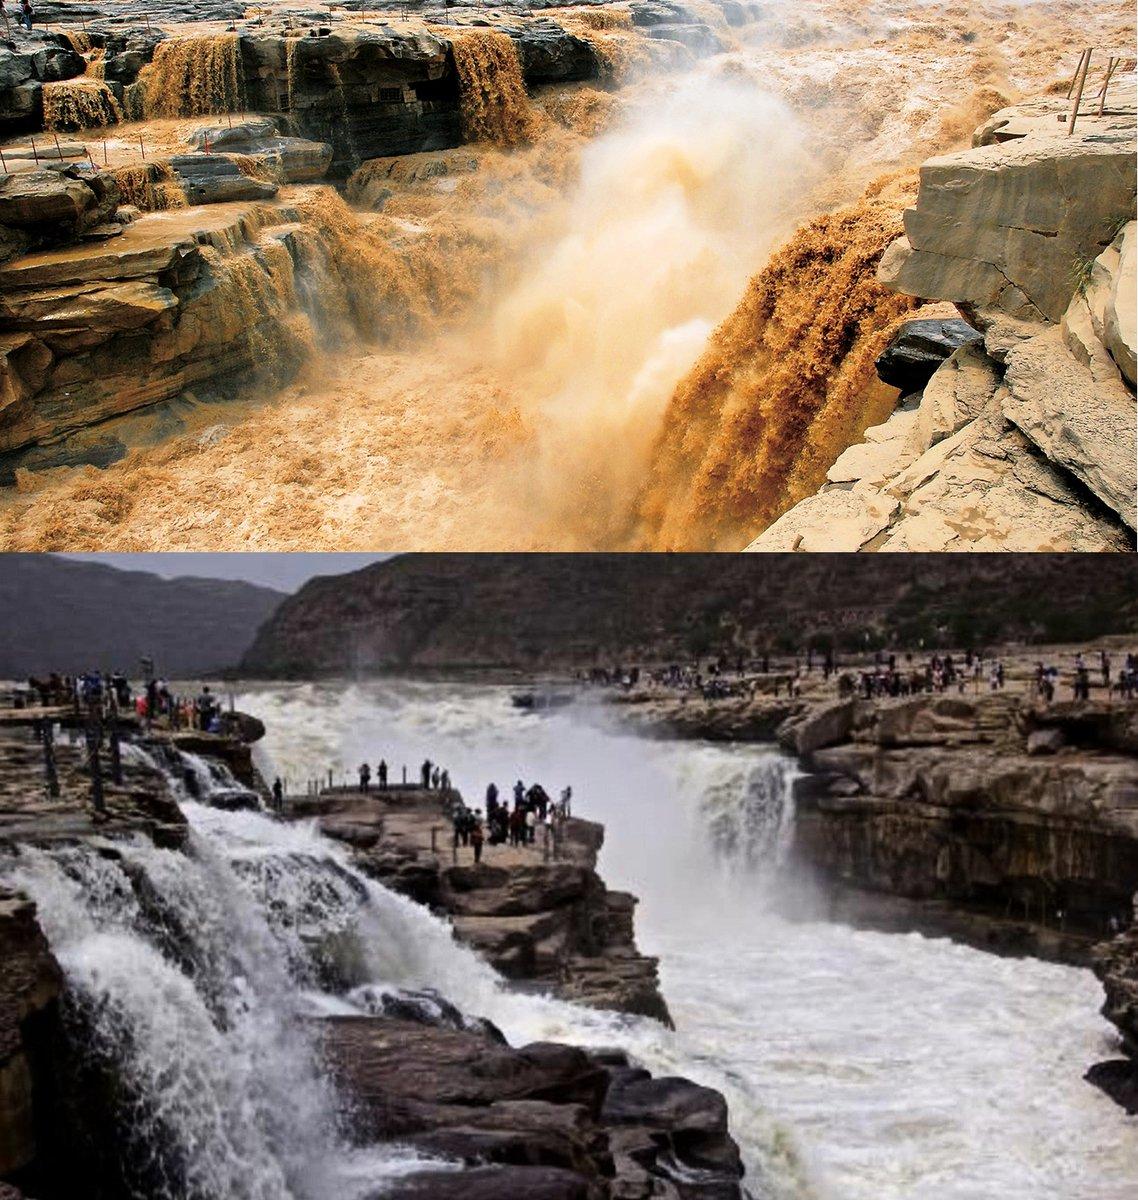 變清後的黃河與正常的黃河之對比。(大紀元合成圖)